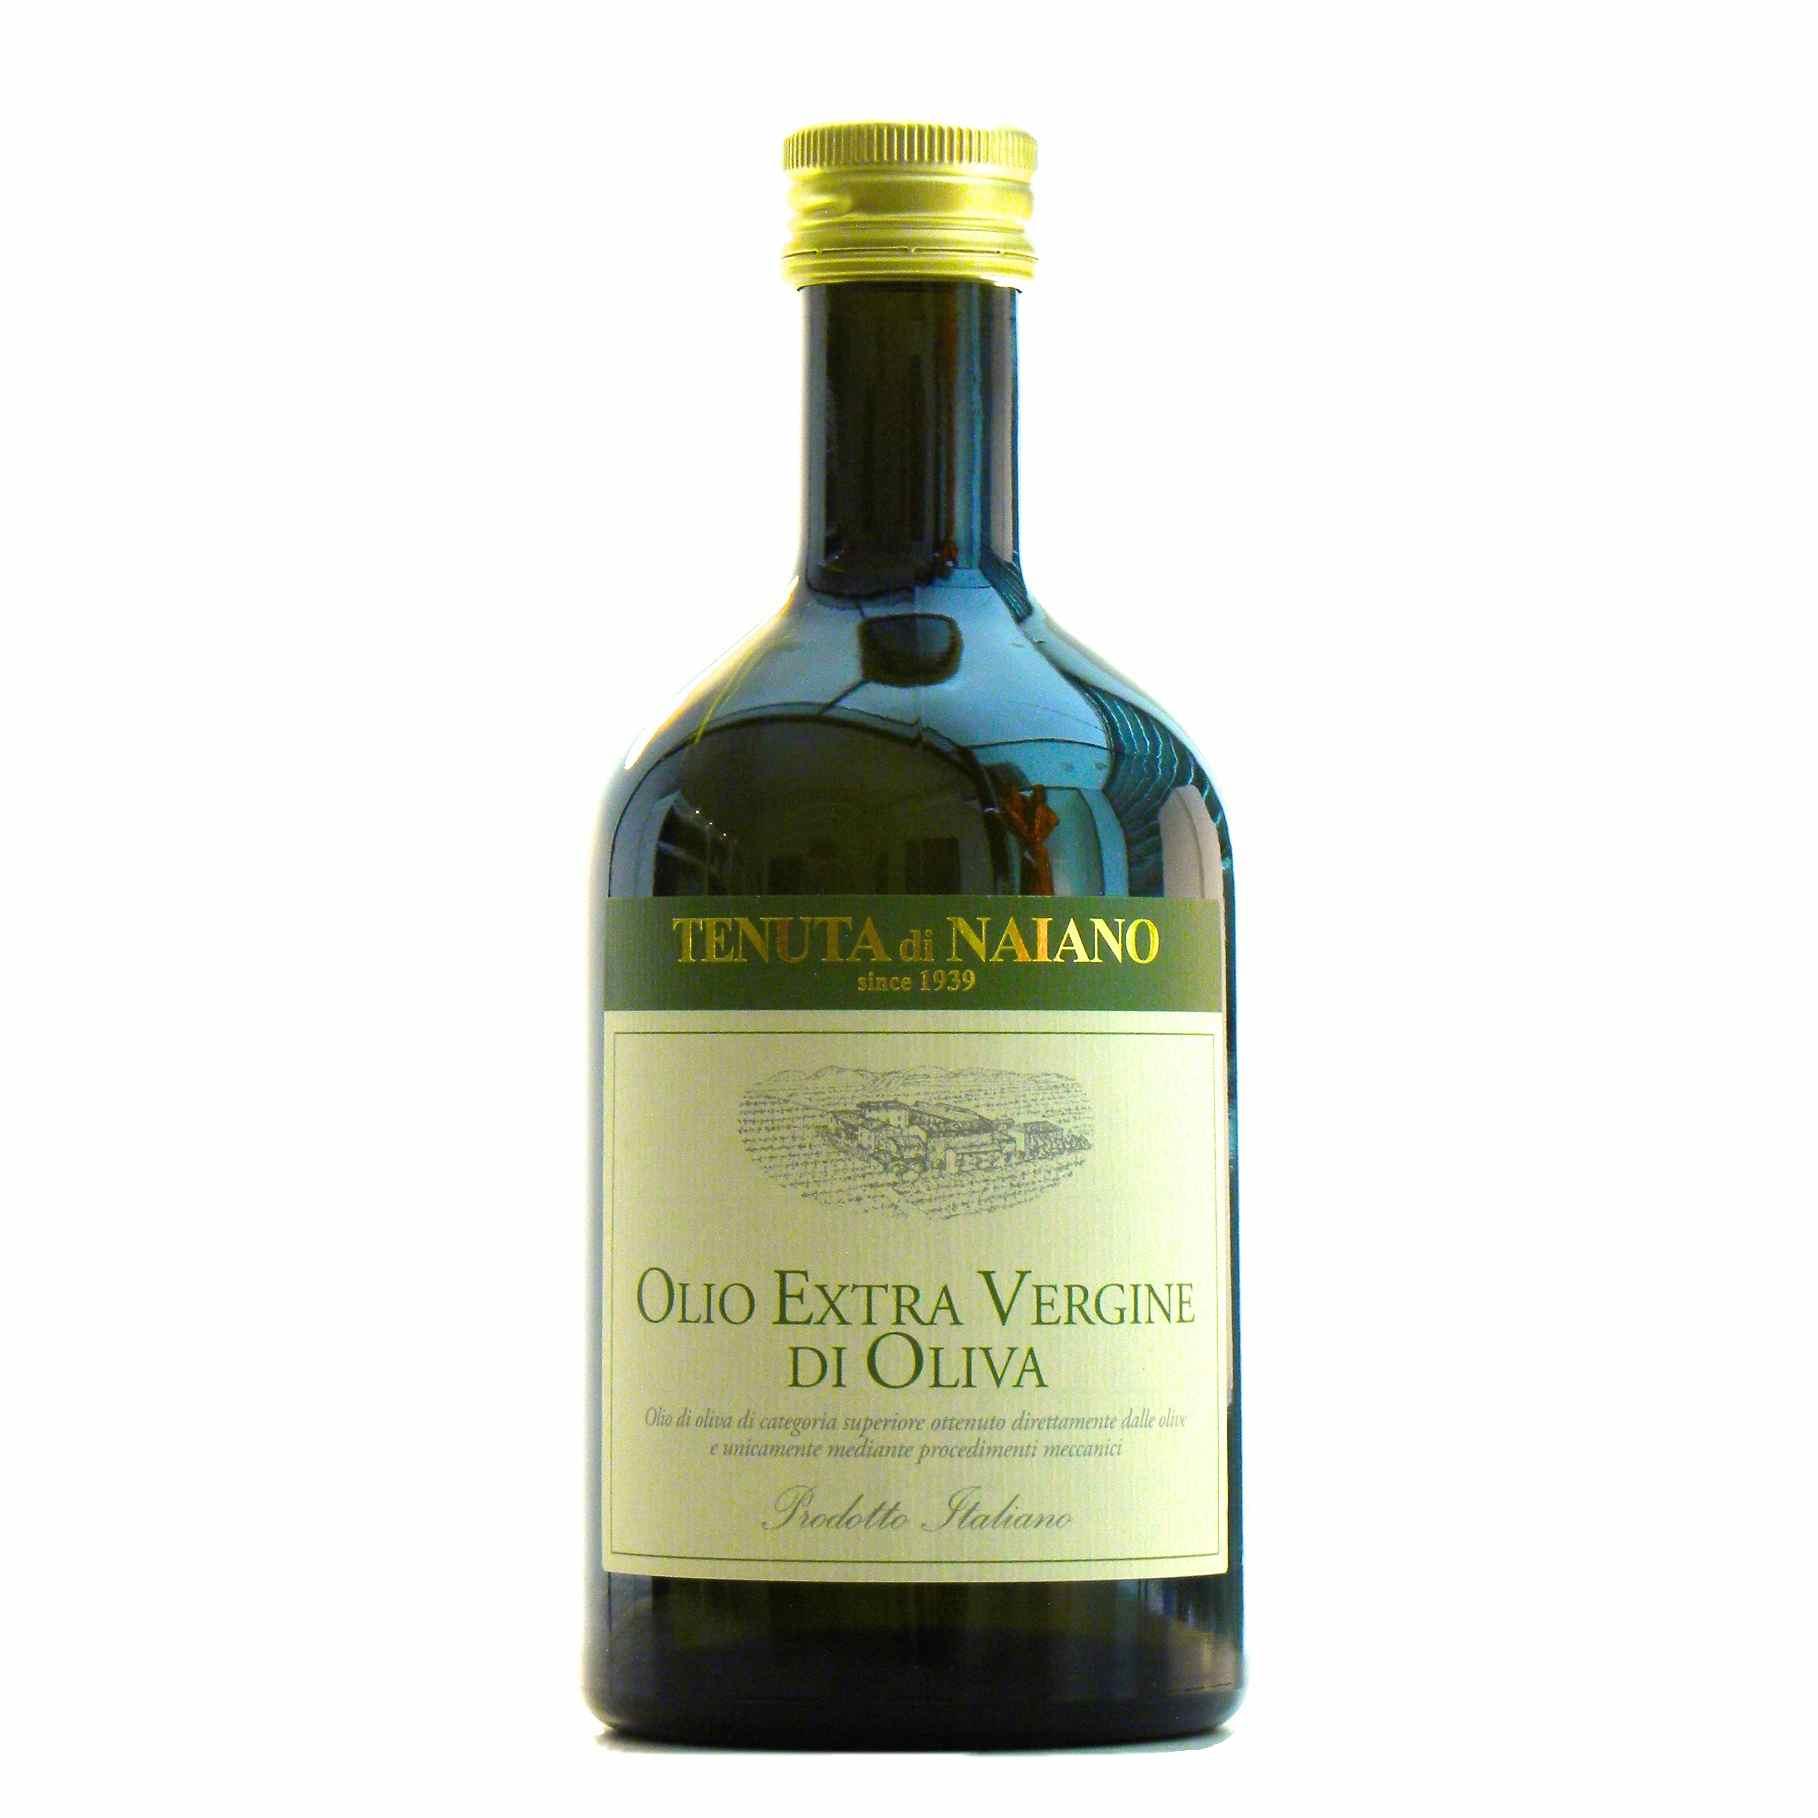 Bellora Tenuta di Naiano Olio Extravergine di oliva – Bellora Tenuta di Naiano Extra Virgin Olive Oil – Gustorotondo – Italian food boutique